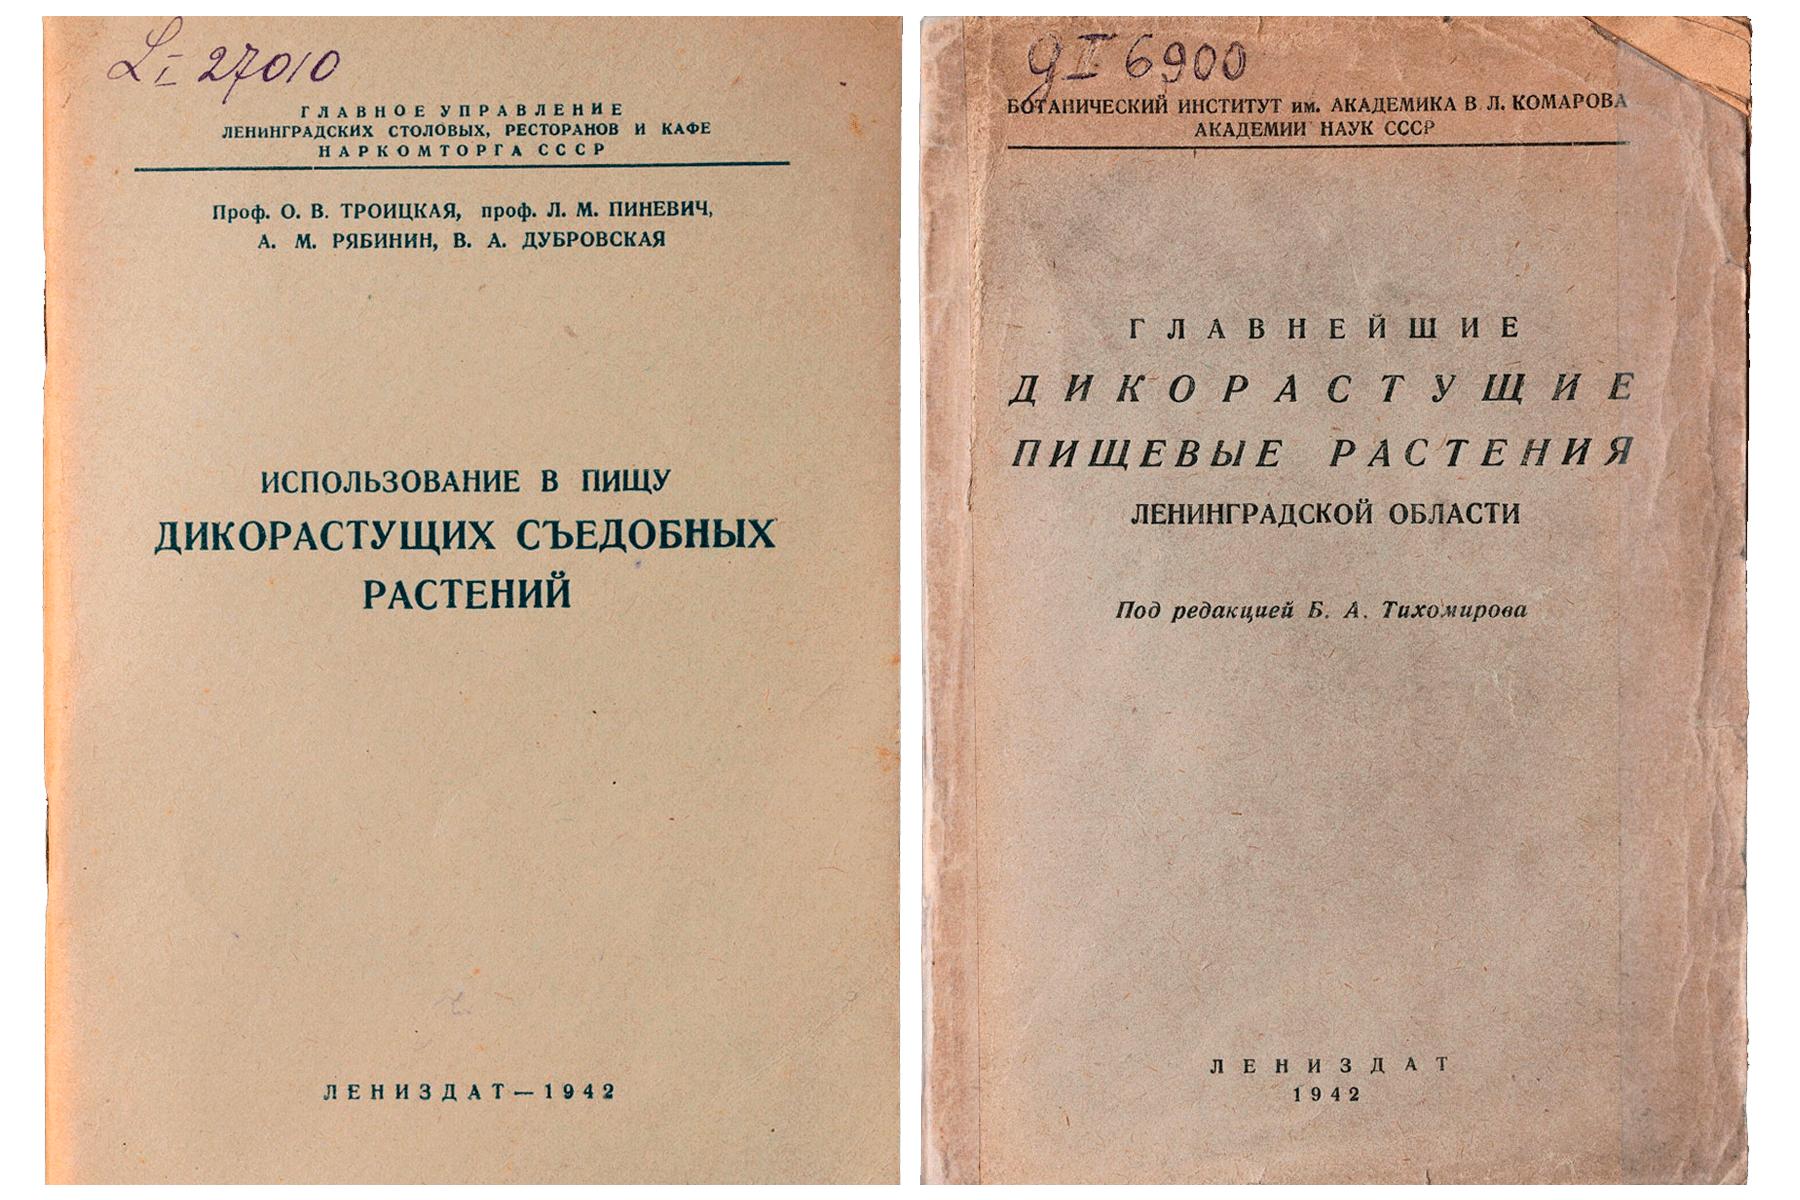 В Ленинграде особенно актуальными были издания прикладного характера, помогающие жителям в трудные блокадные дни